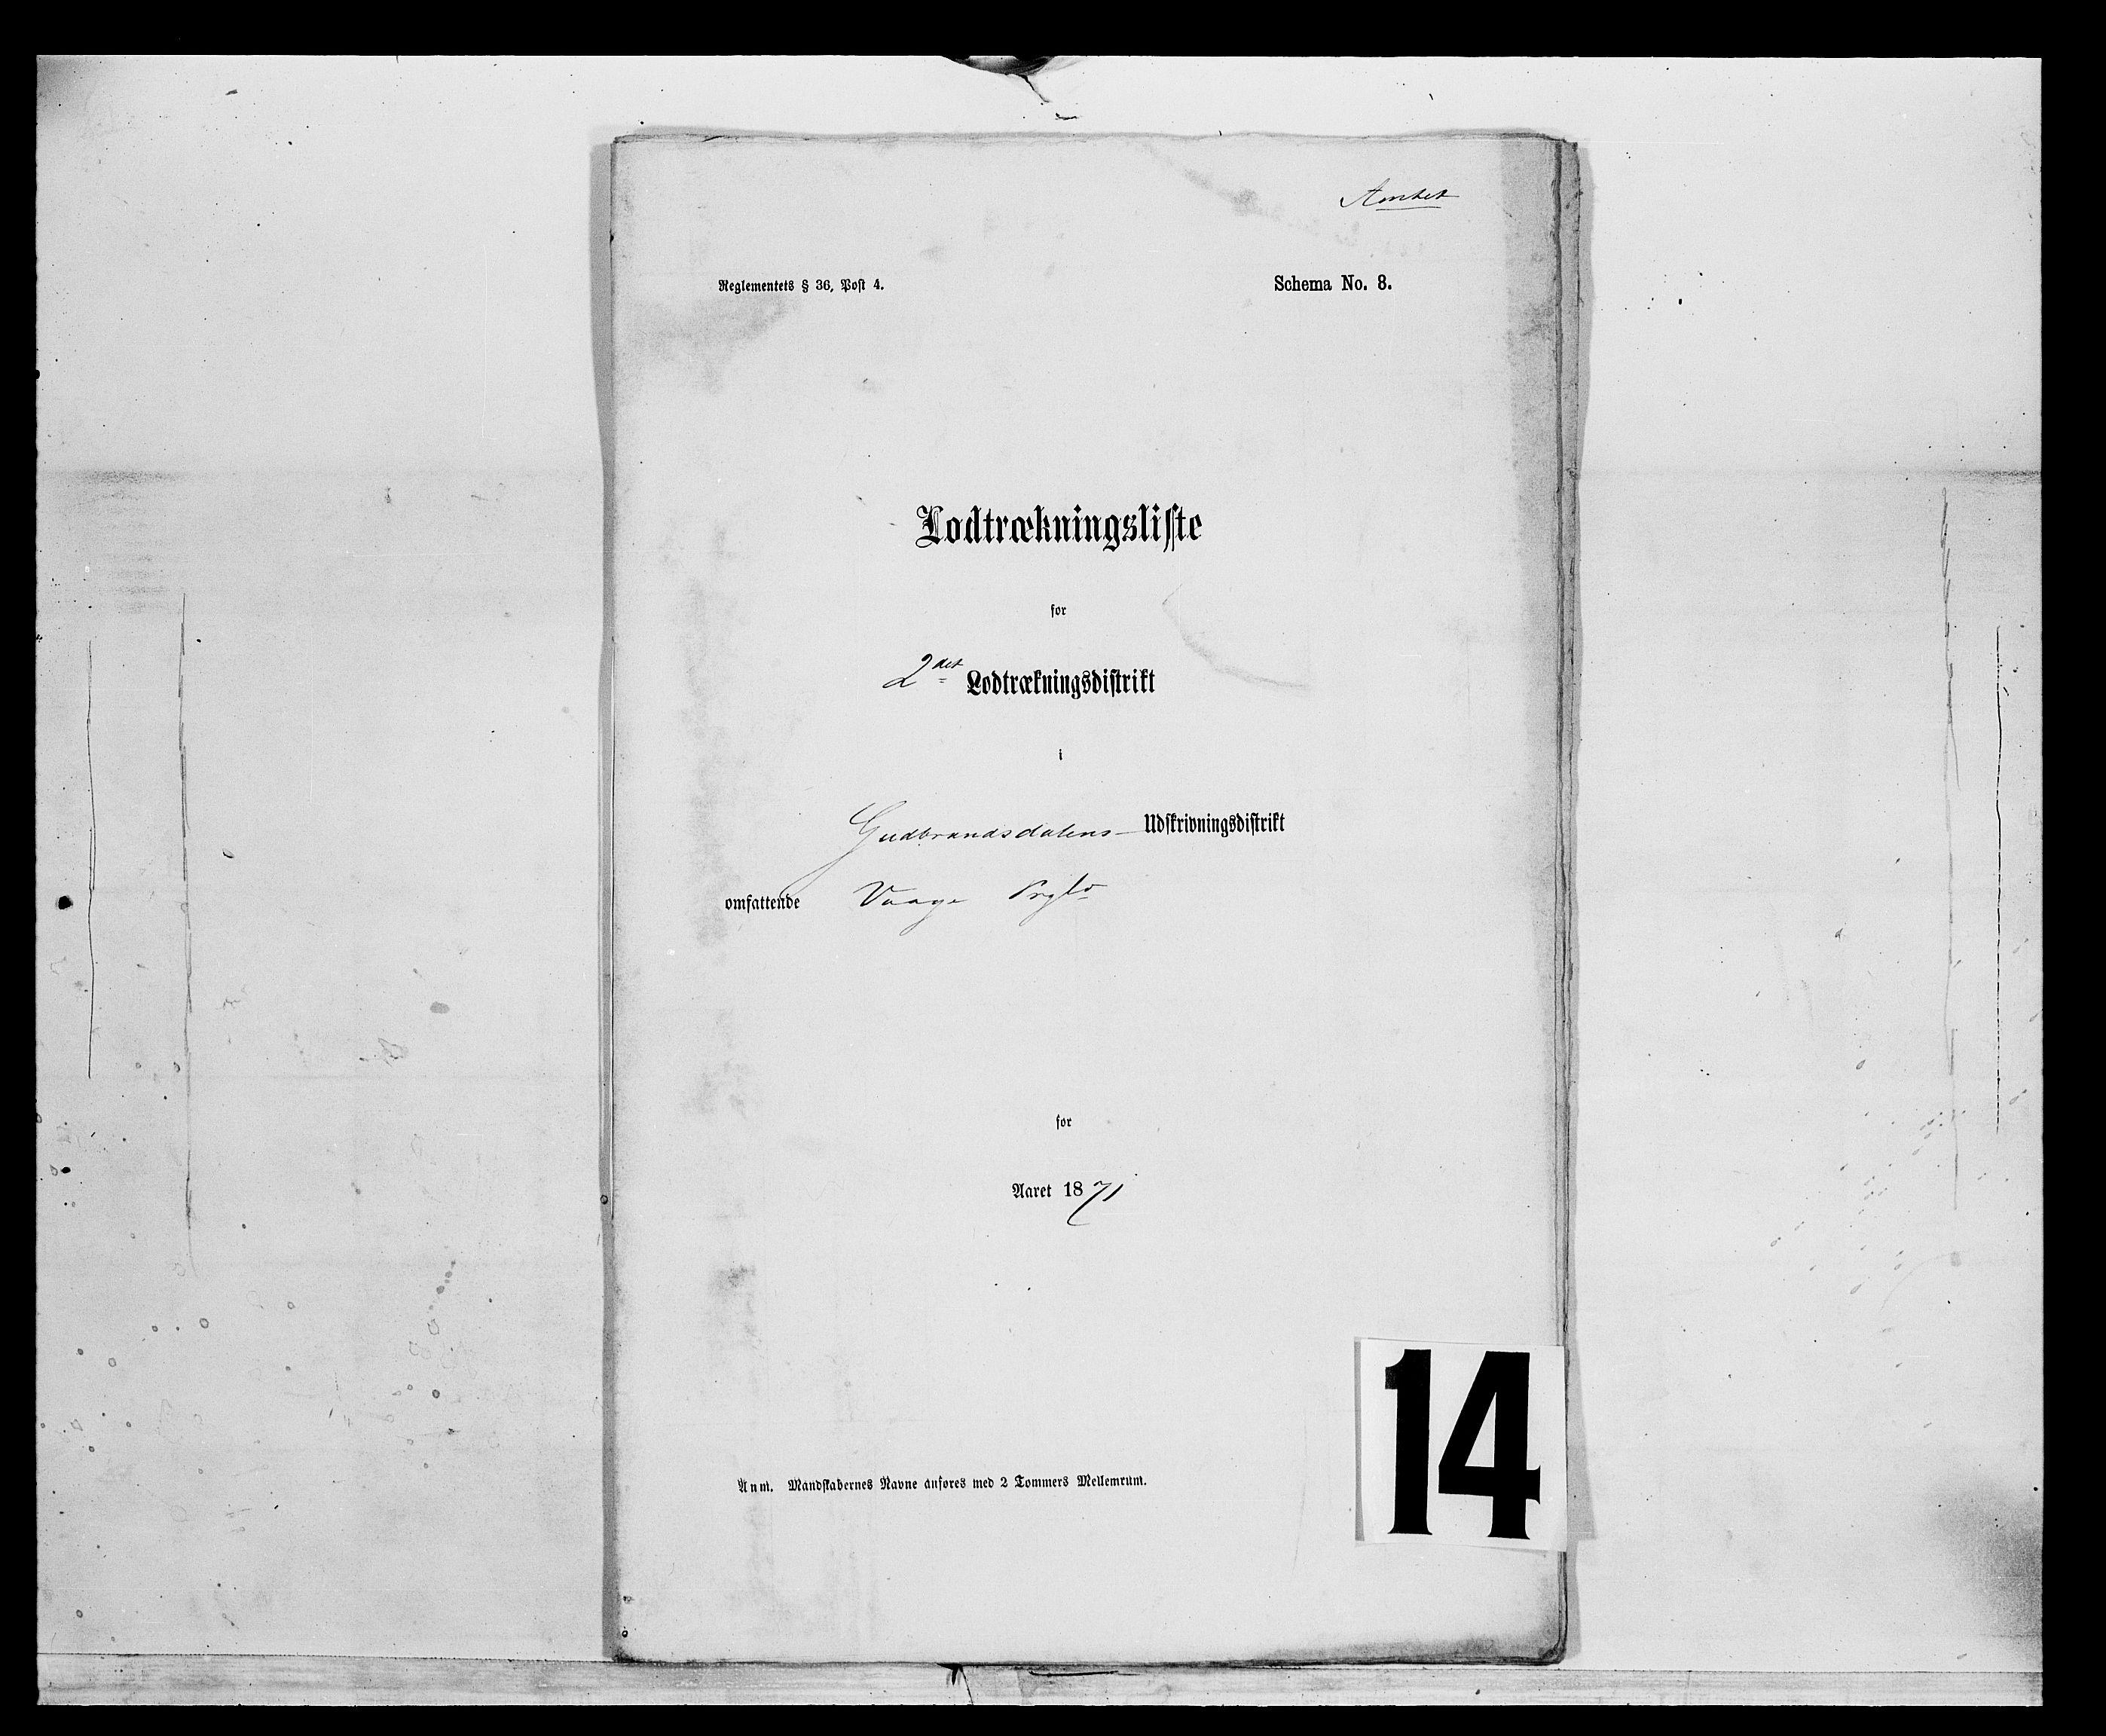 SAH, Fylkesmannen i Oppland, K/Kg/L1175: Heidal, Sel, Vågå, Lom og Skjåk, 1860-1879, s. 1